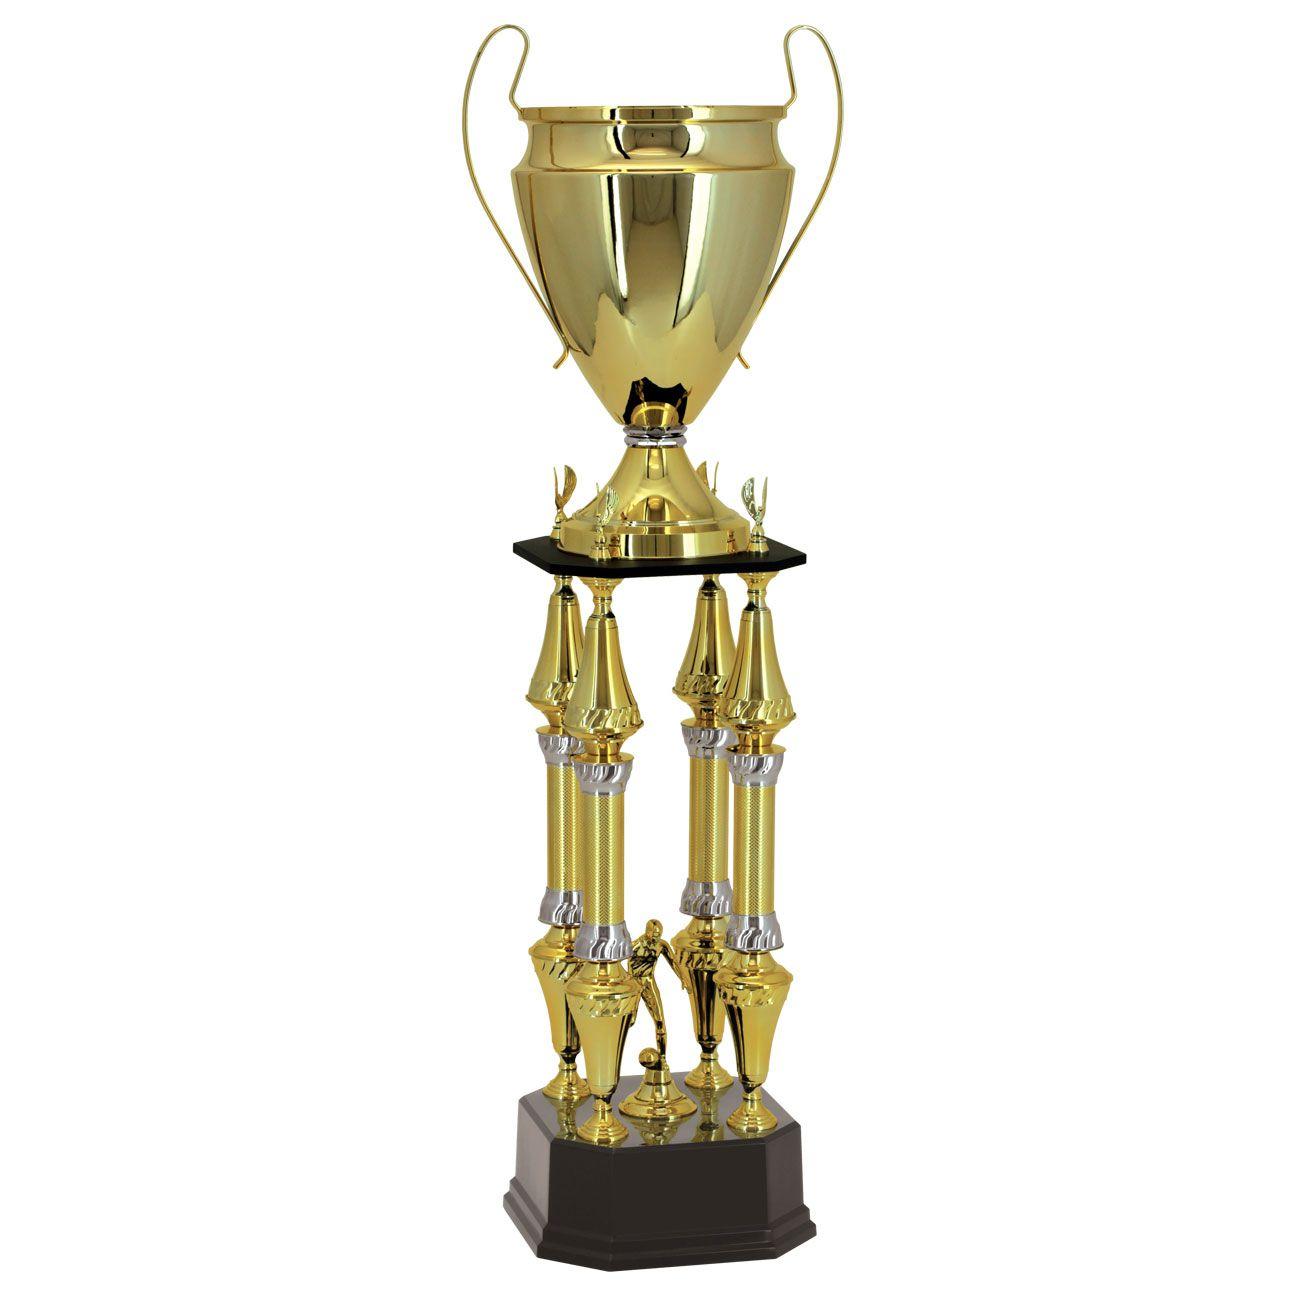 Trofeu Industria Vitória - Tamanho 109cm